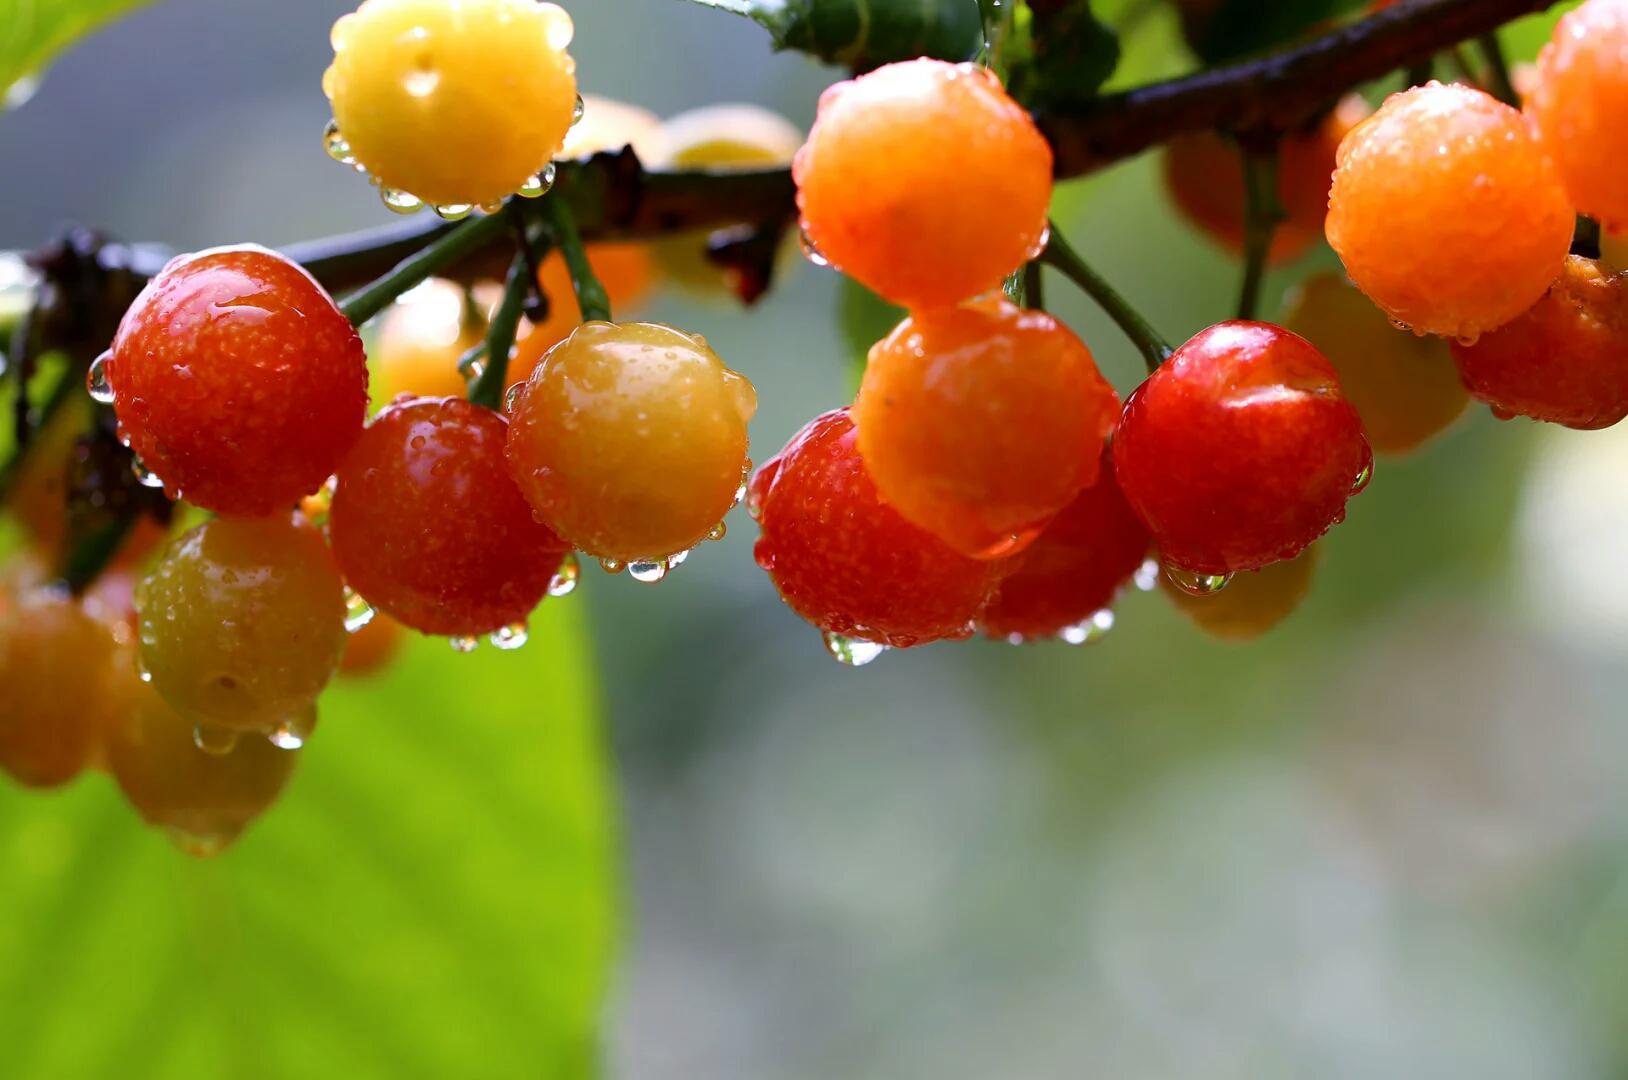 樱桃熟了 欣赏美诗 品尝美食